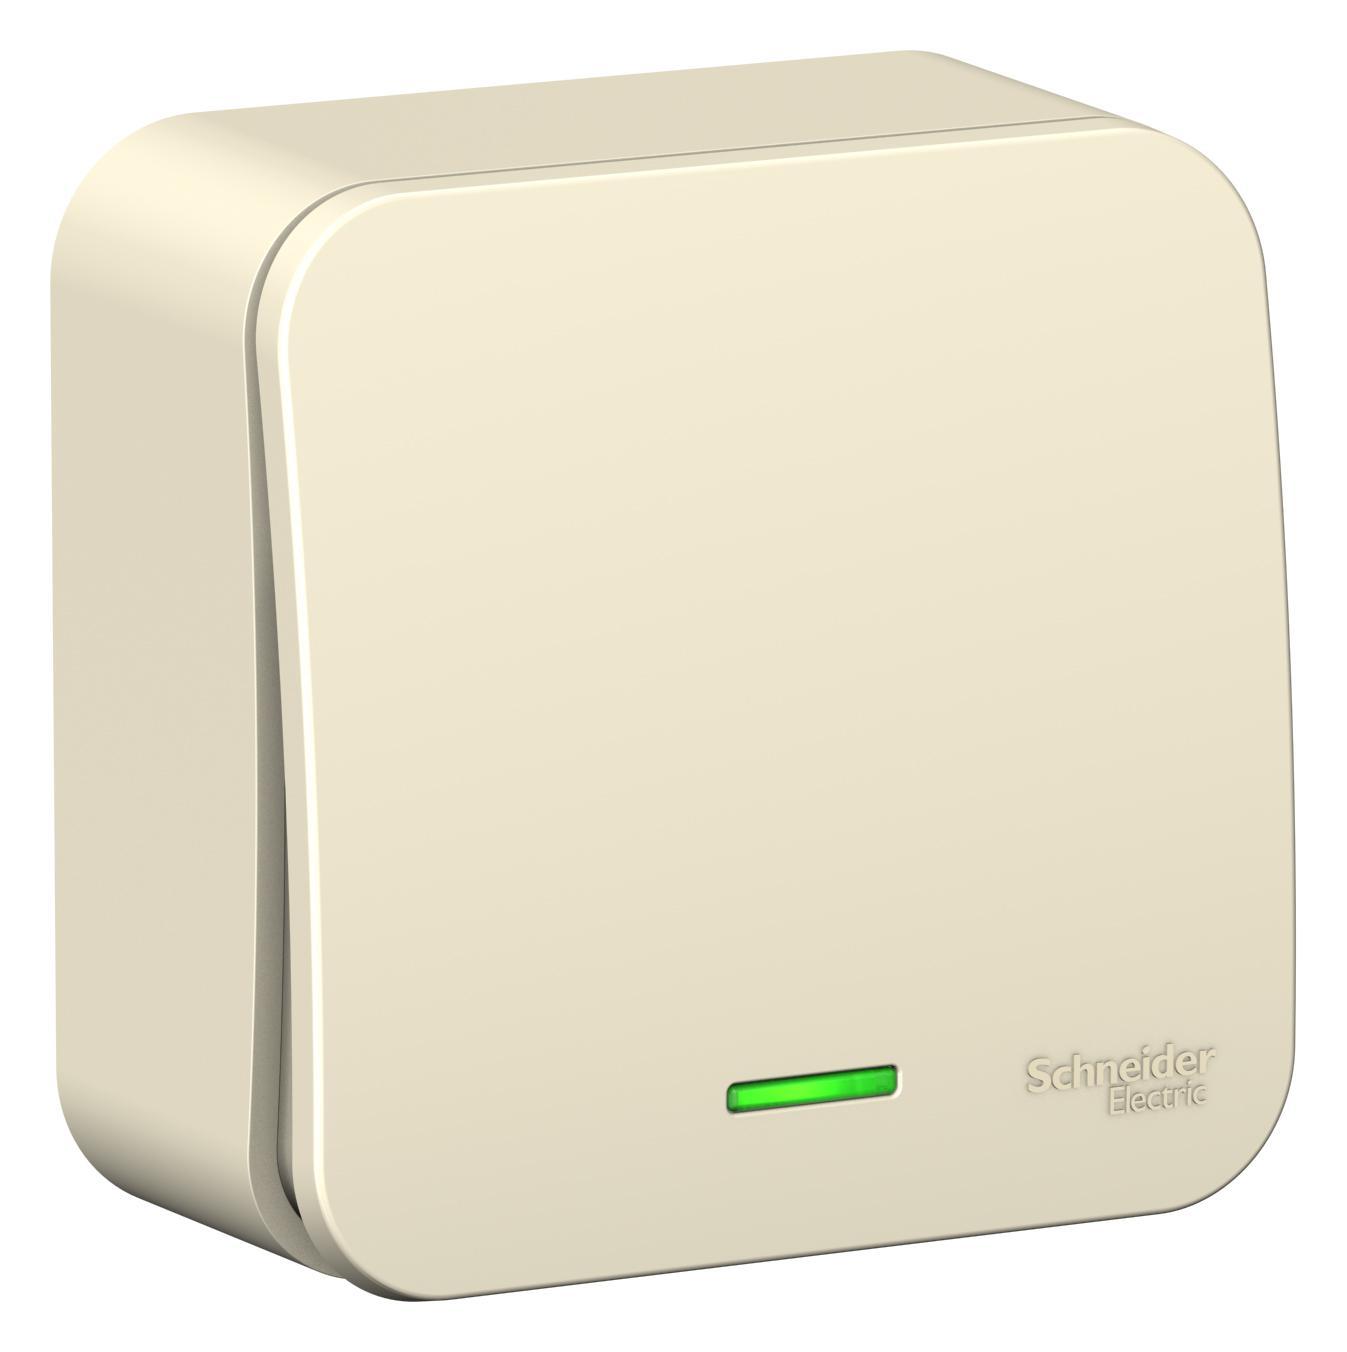 Выключатель Schneider electric Blnva101102 blanca выключатель schneider electric blnva101013 blanca